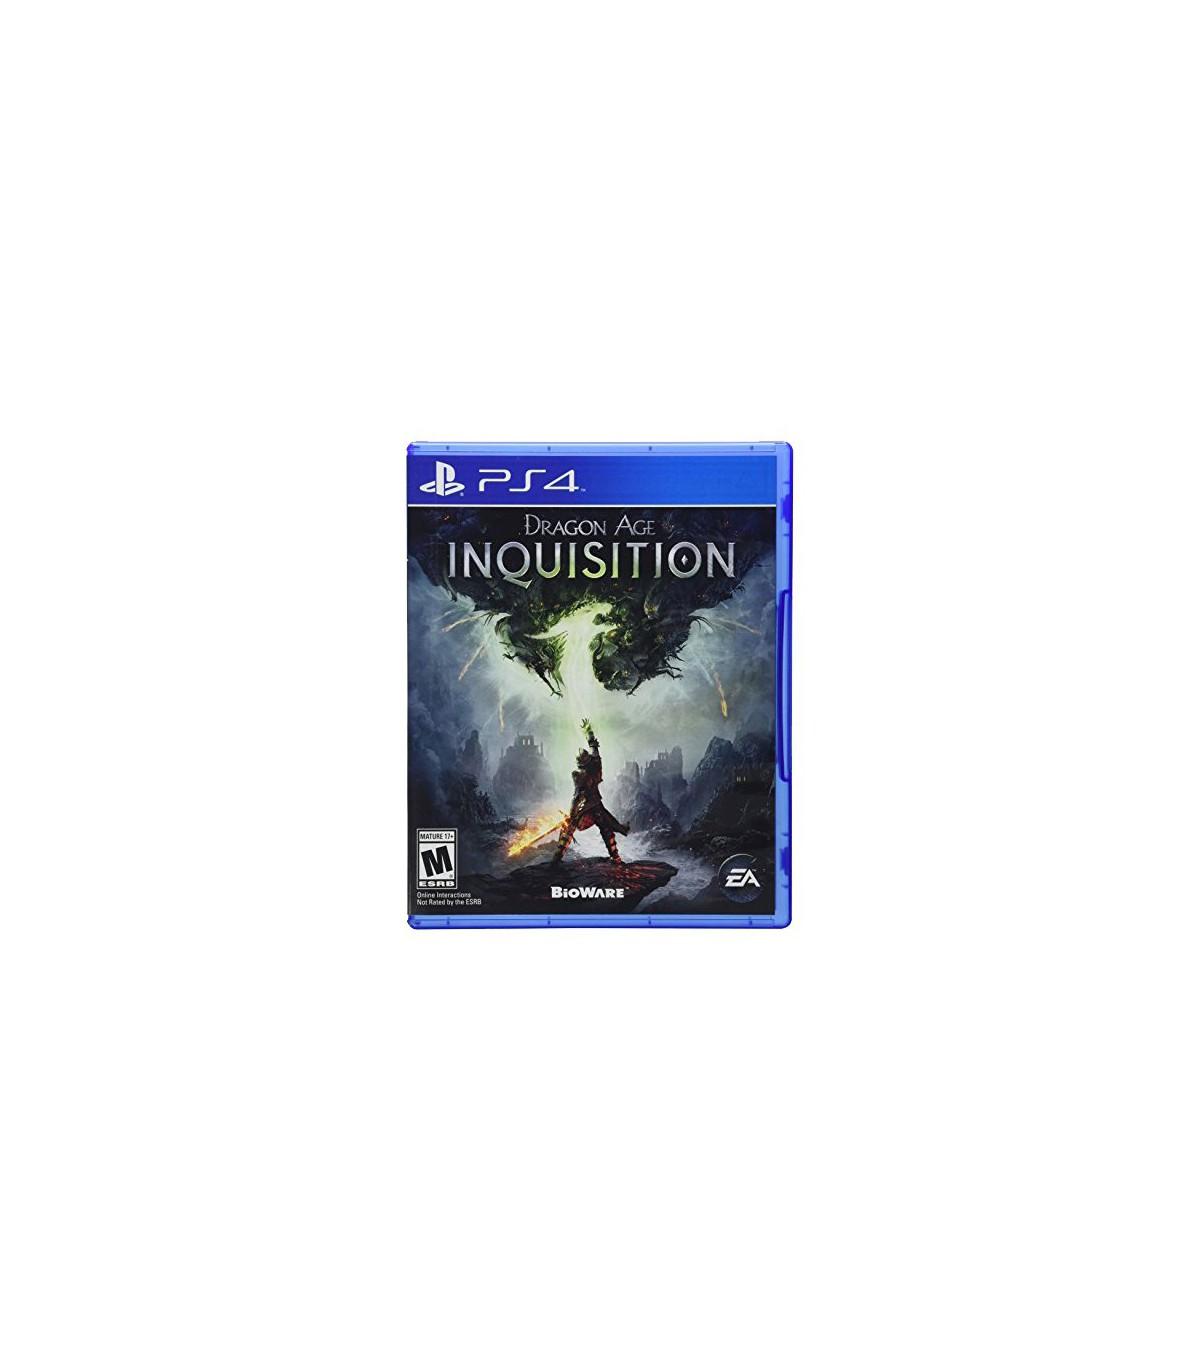 بازی Dragon Age Inquisition - پلی استیشن 4